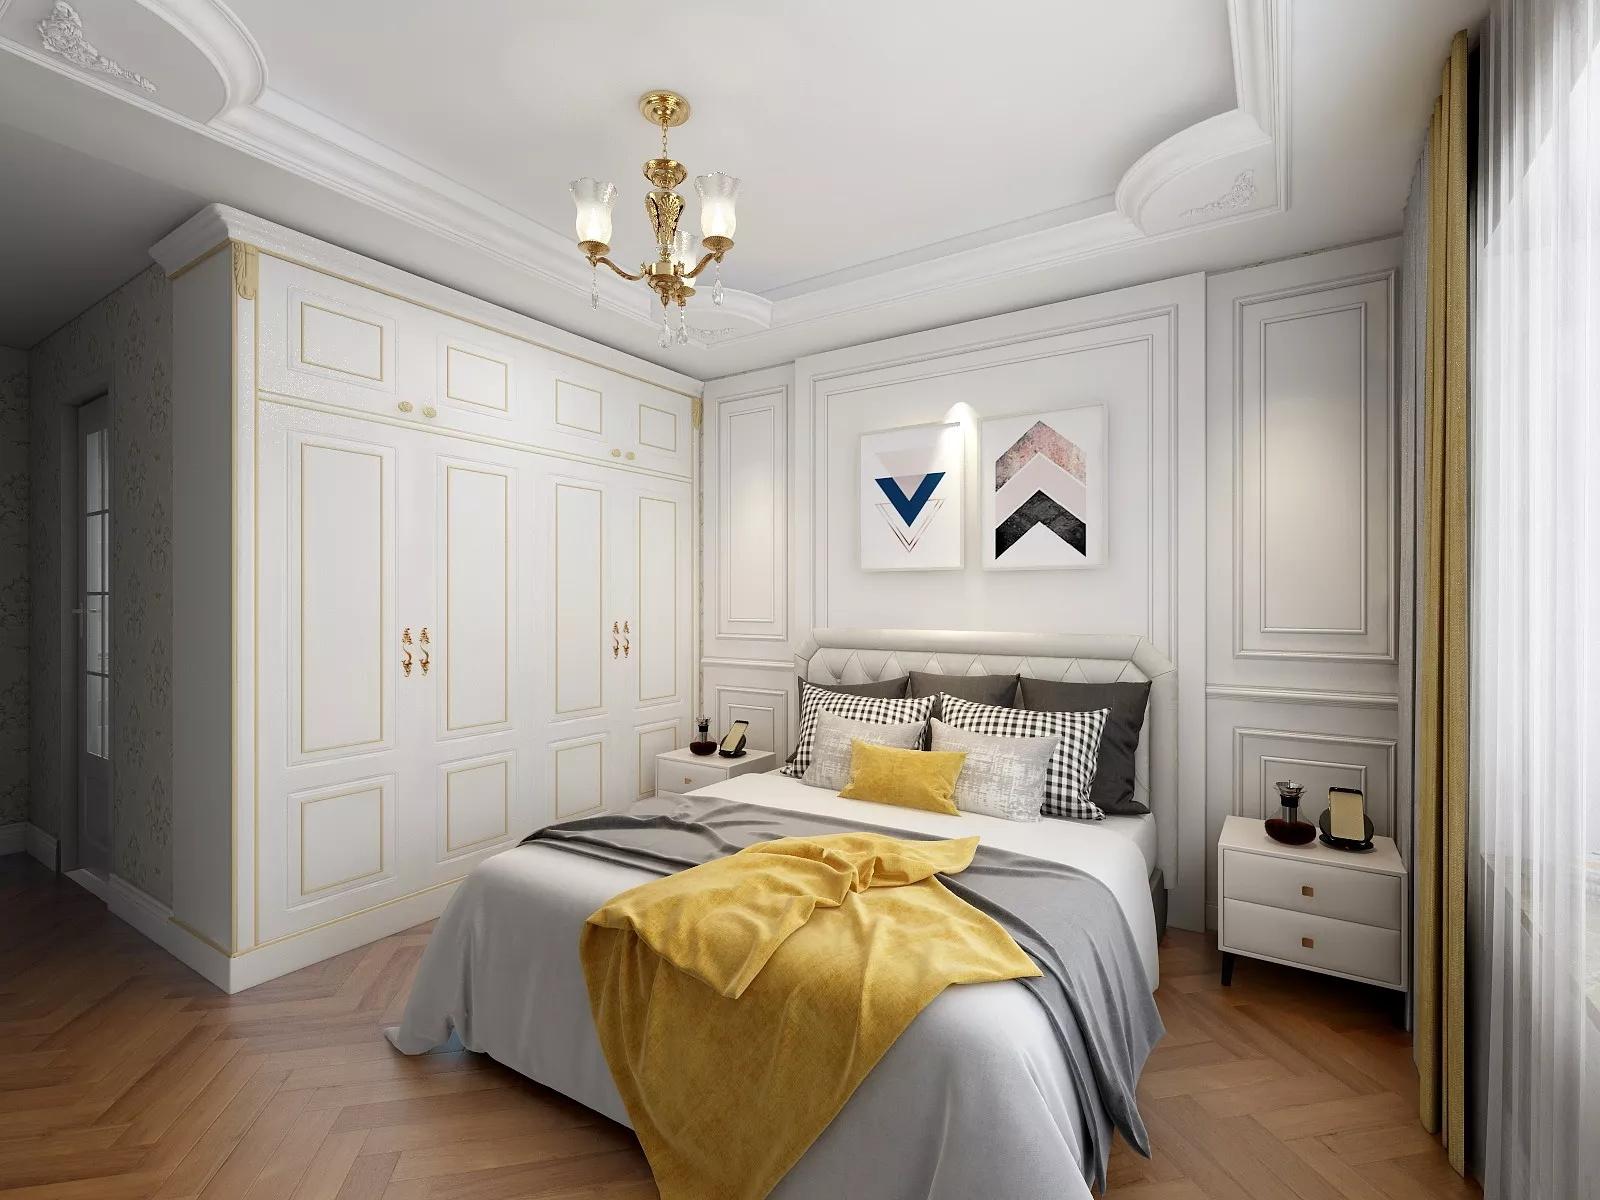 客廳裝飾壁畫如何選擇?客廳裝飾壁畫選購要注意什么?